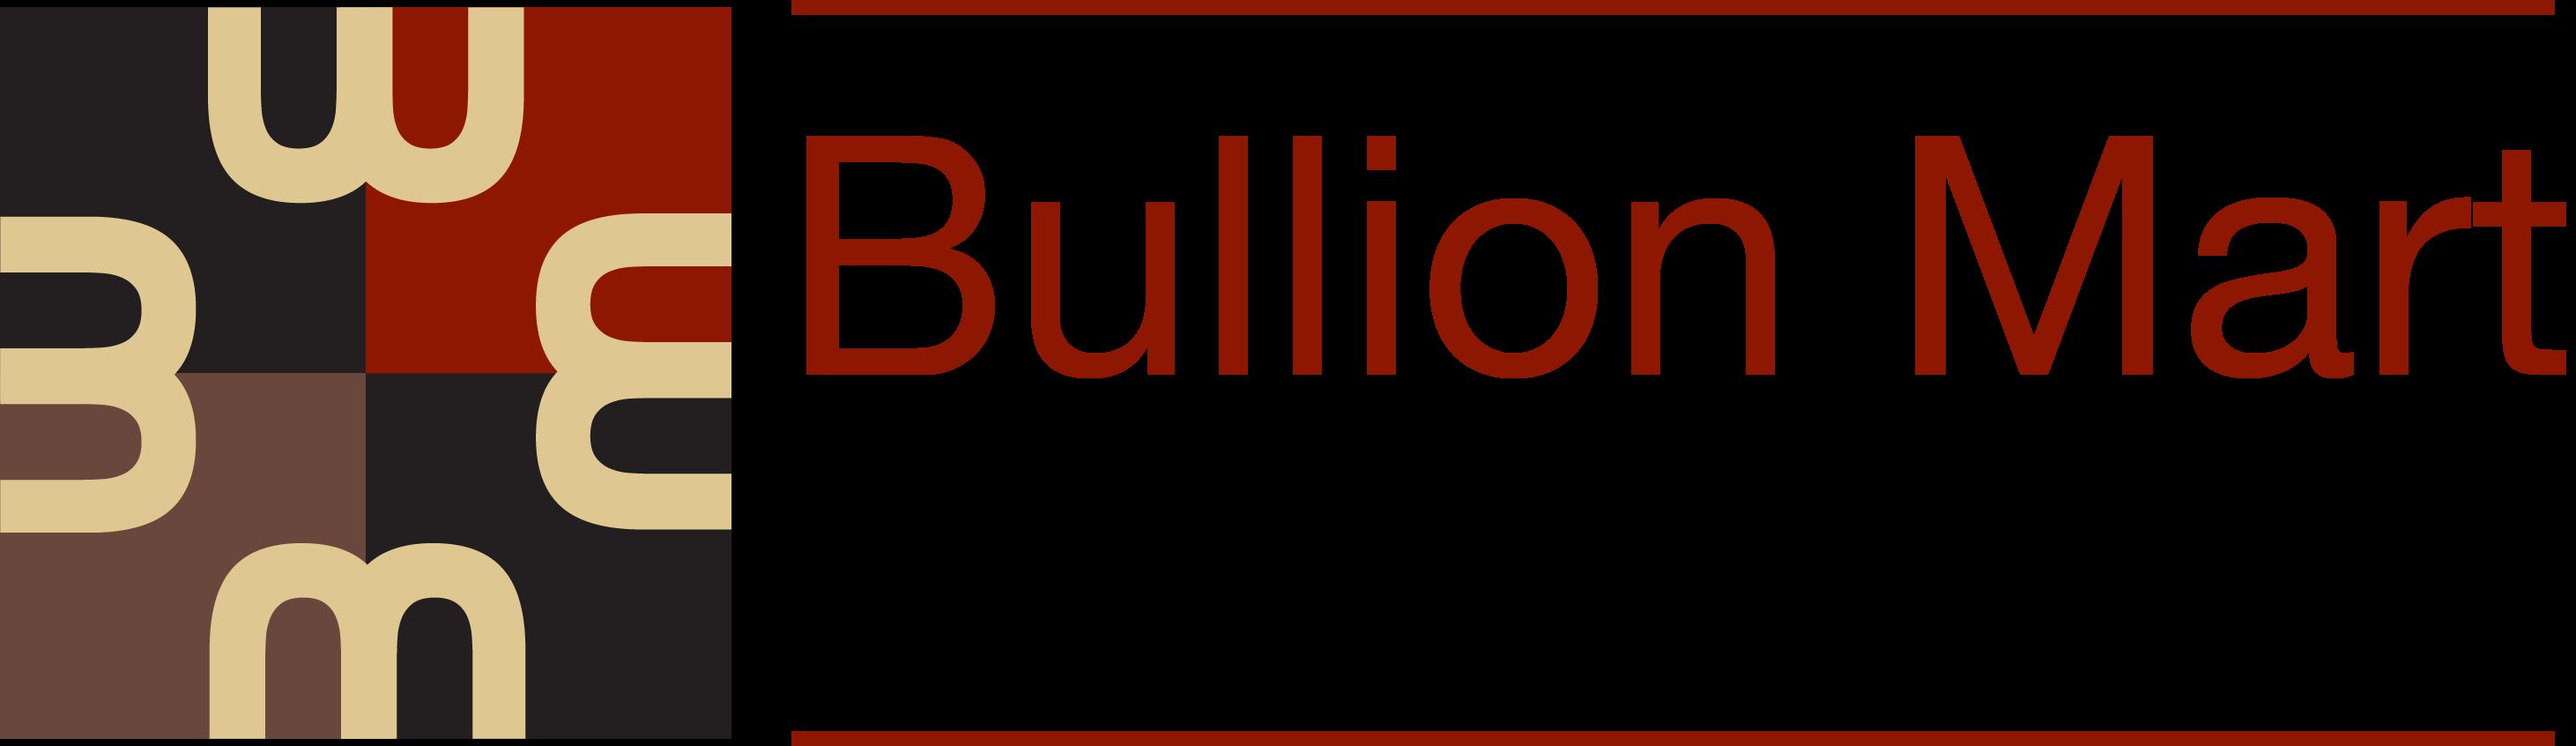 Bullion Mart